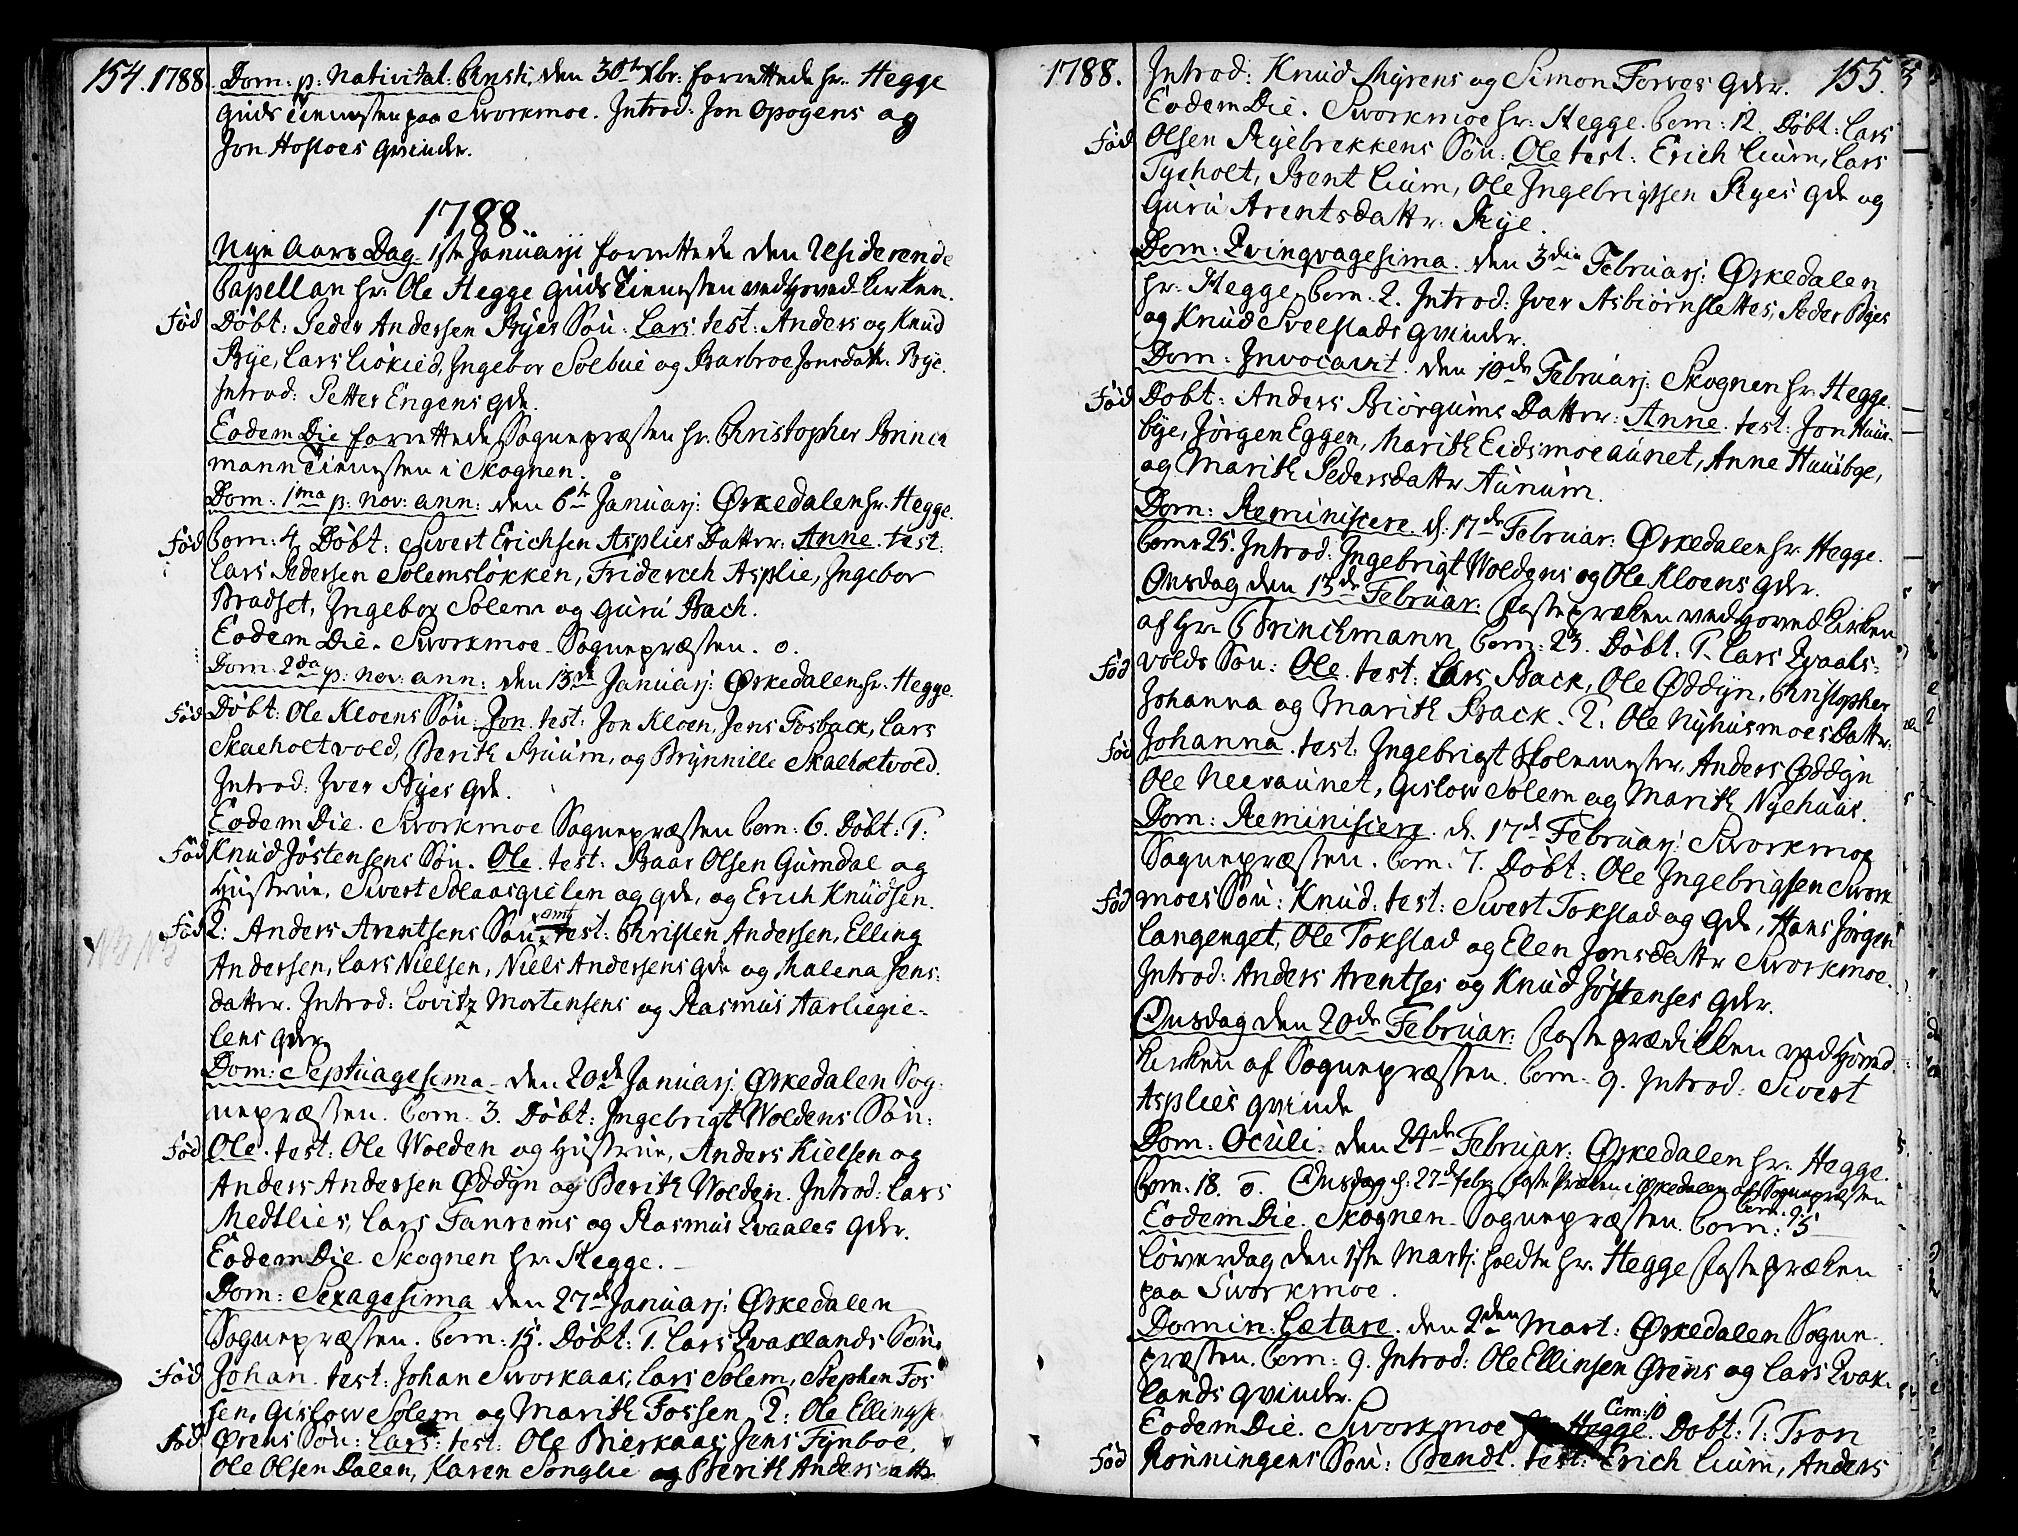 SAT, Ministerialprotokoller, klokkerbøker og fødselsregistre - Sør-Trøndelag, 668/L0802: Ministerialbok nr. 668A02, 1776-1799, s. 154-155